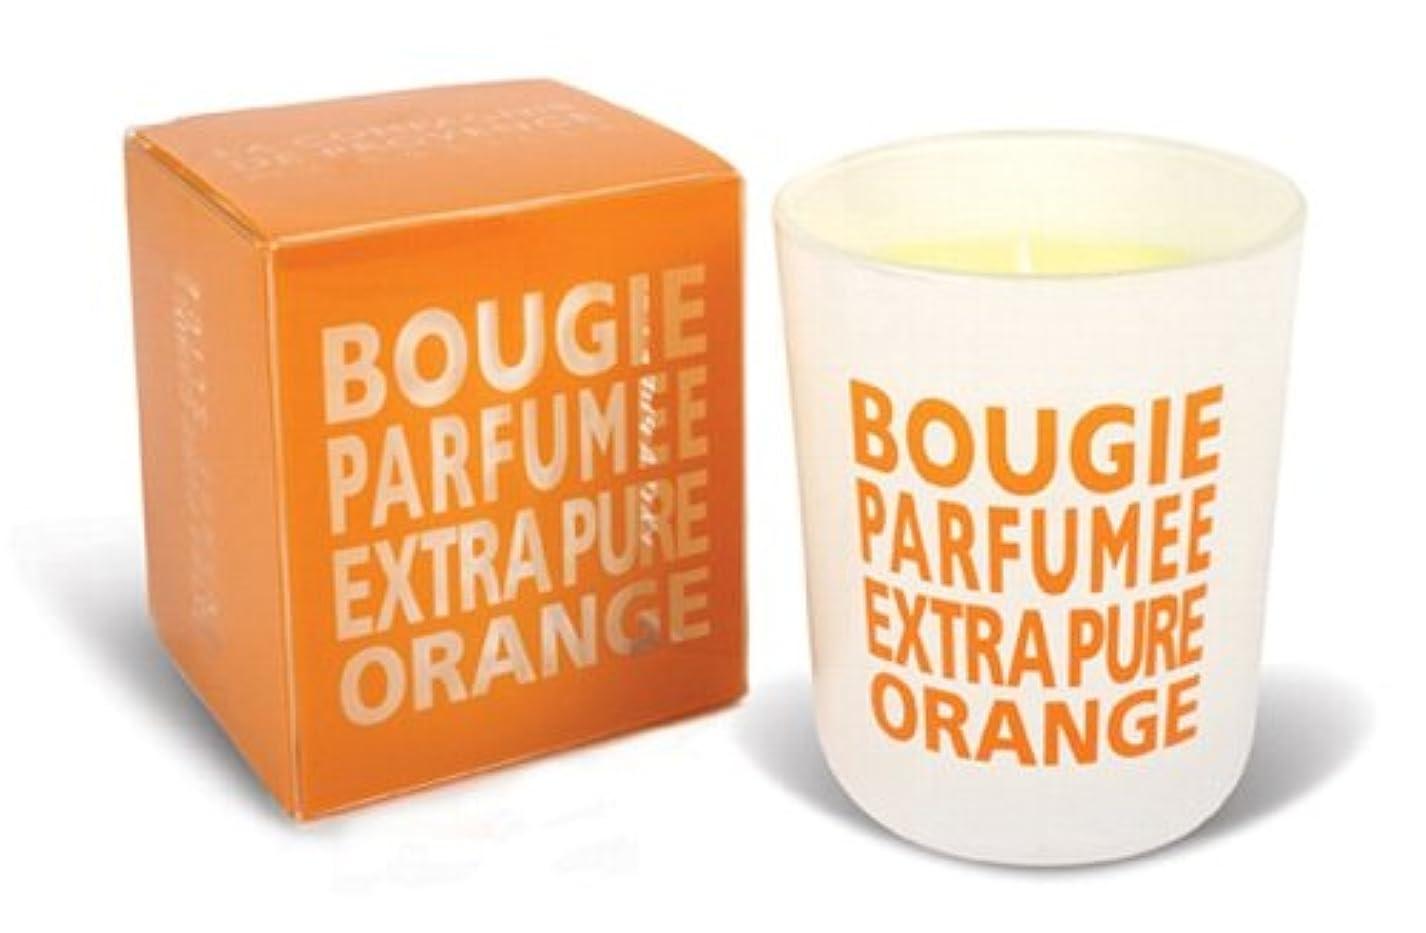 超えて叫び声大臣Provence グラスキャンドル オレンジ 140g